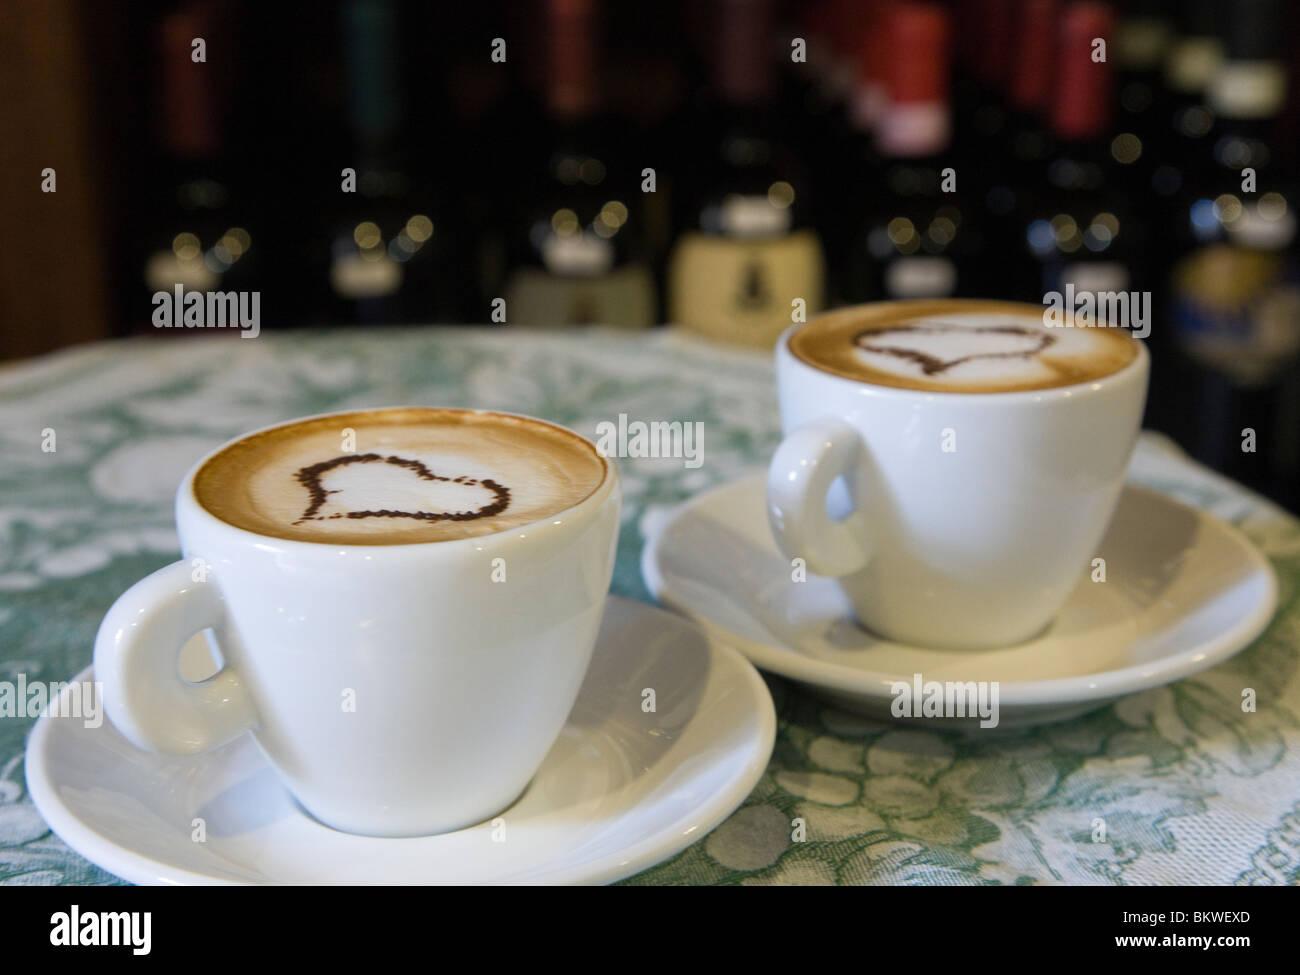 Italie, Toscane, de l'amour dans les coeurs de mousse Cappuccino Photo Stock